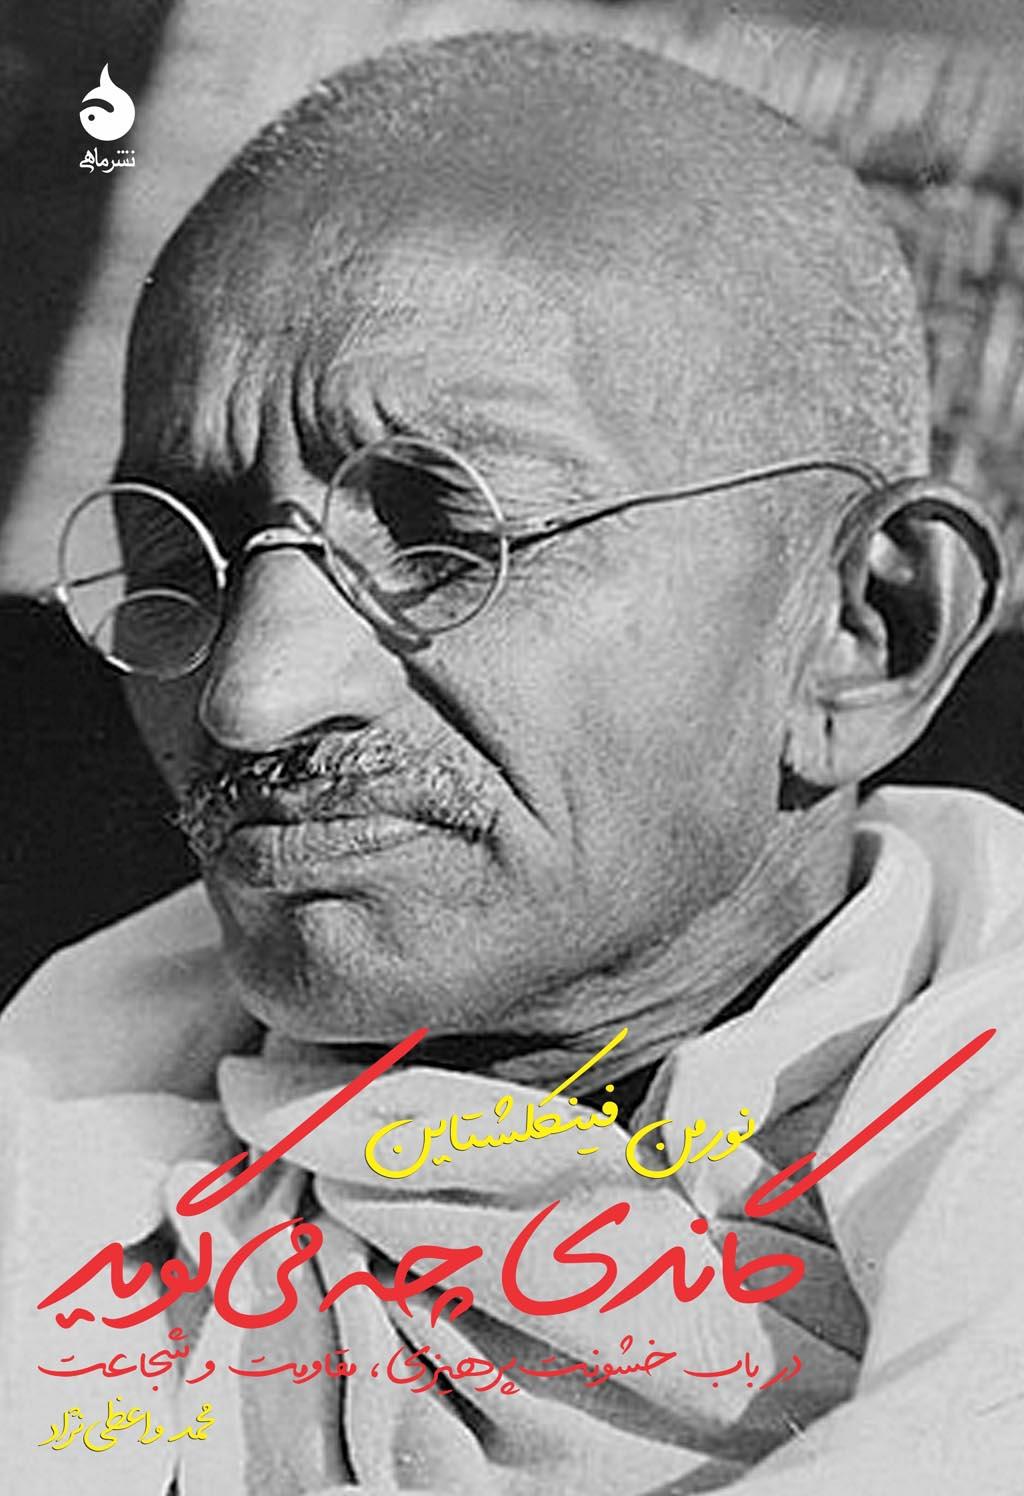 مهاتما گاندی: افکار و اعمال متناقض، با چاشنی خود رایی!